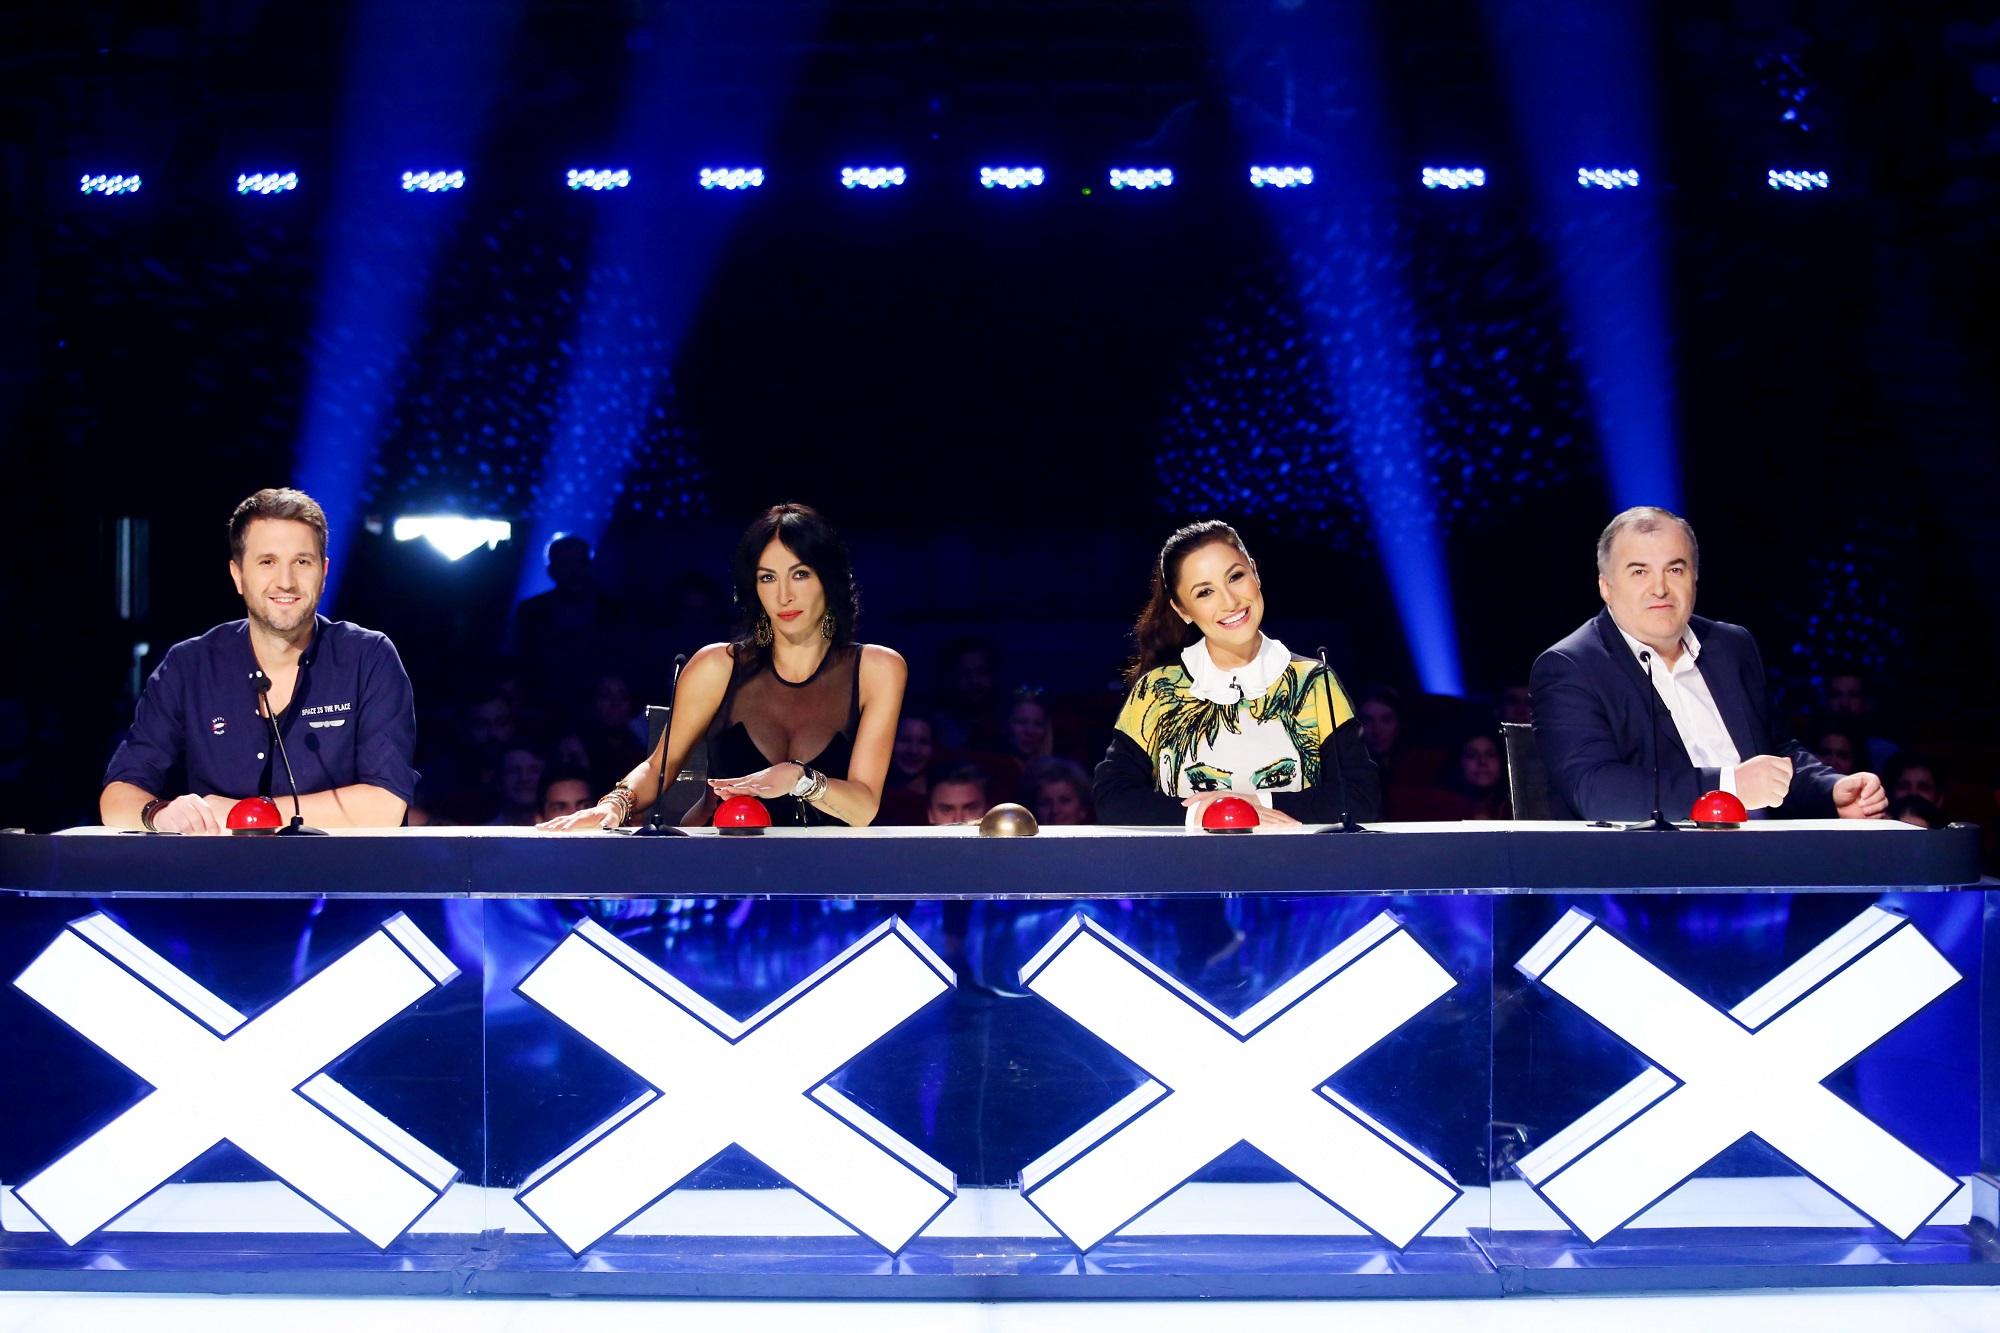 Peste 3,5 milioane de telespectatori au urmarit Romanii au talent. Show-ul a fost lider absolut de audienta, vineri seara